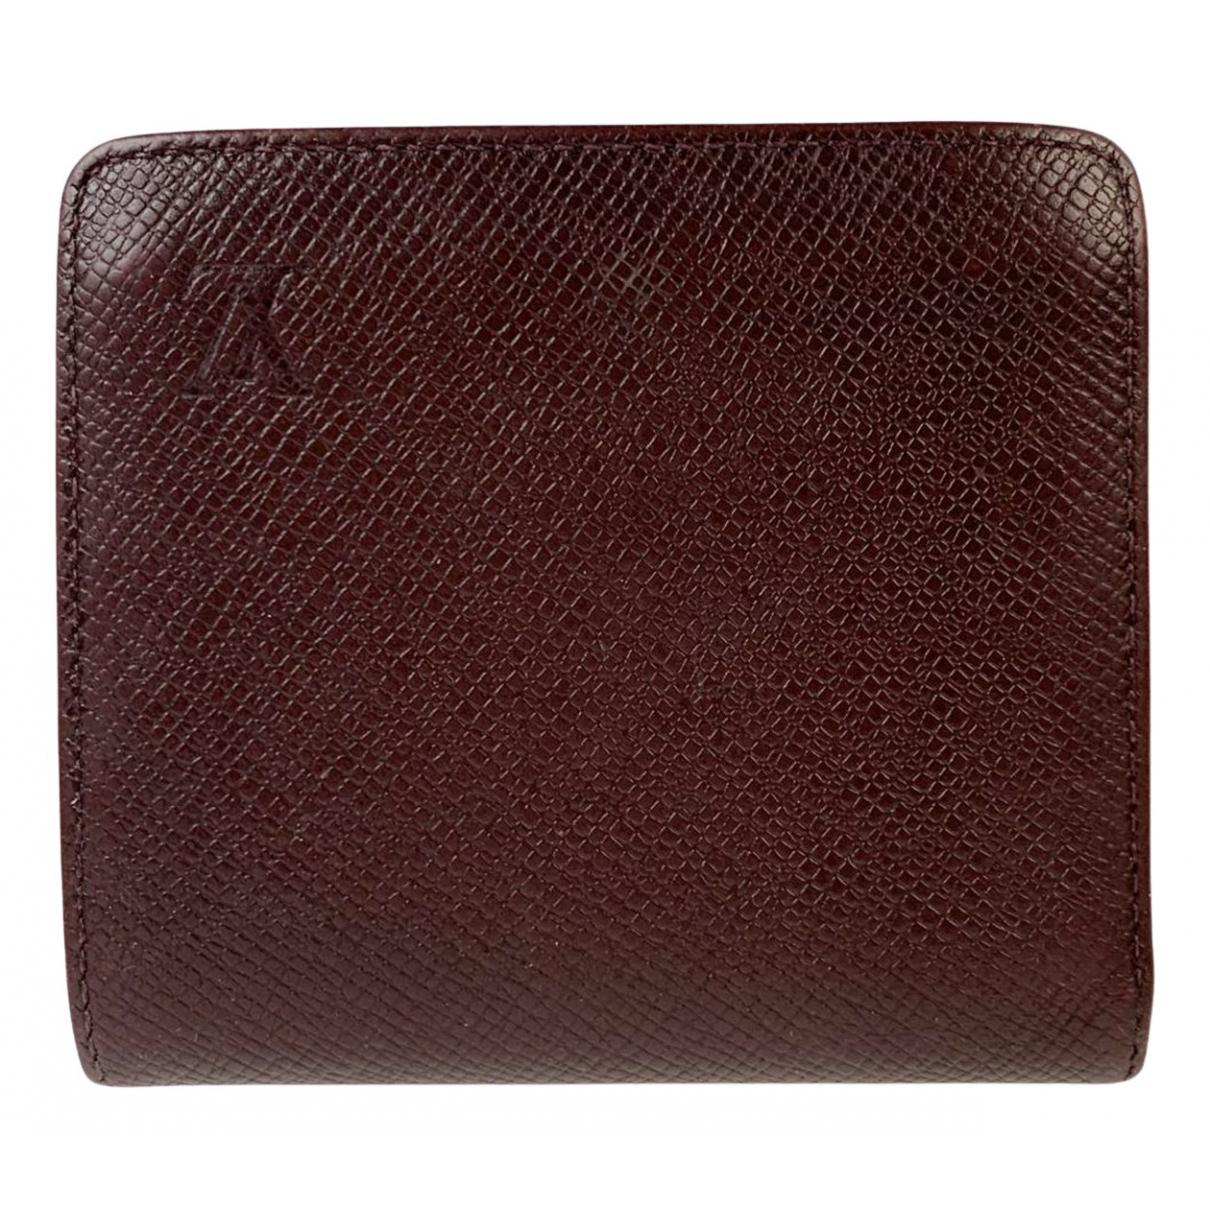 Louis Vuitton - Petite maroquinerie Marco pour homme en cuir - bordeaux